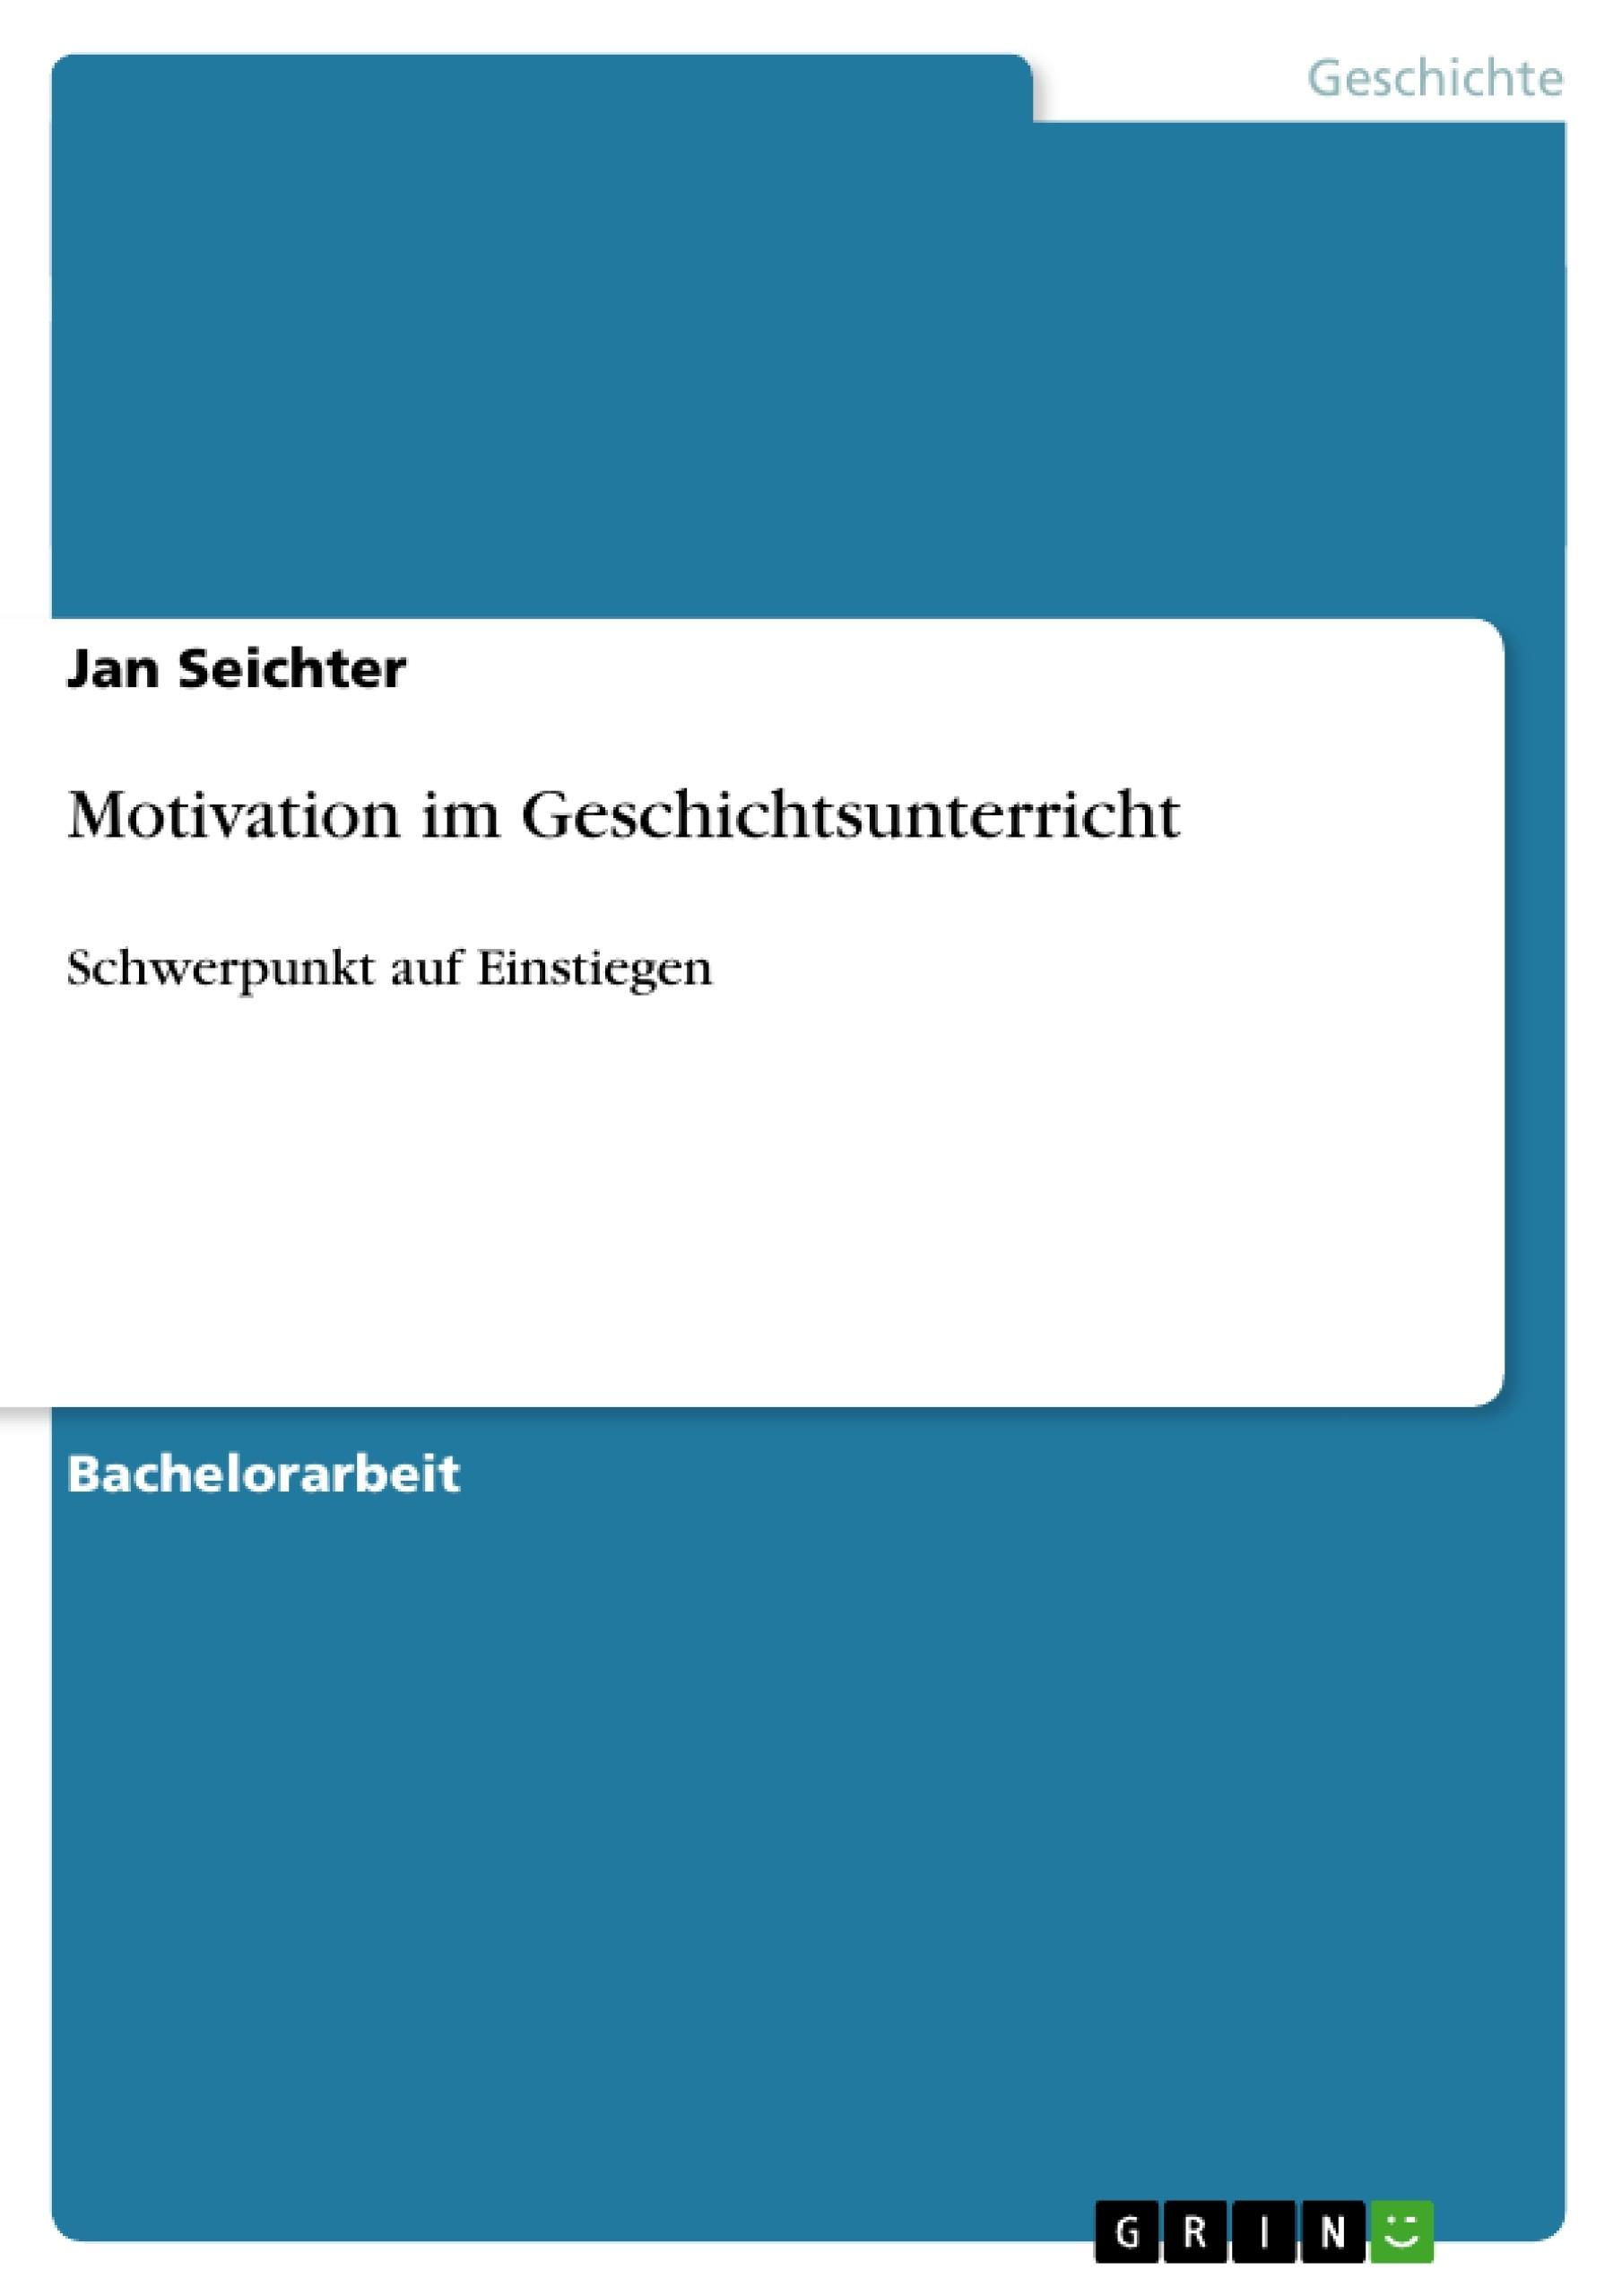 Titel: Motivation im Geschichtsunterricht